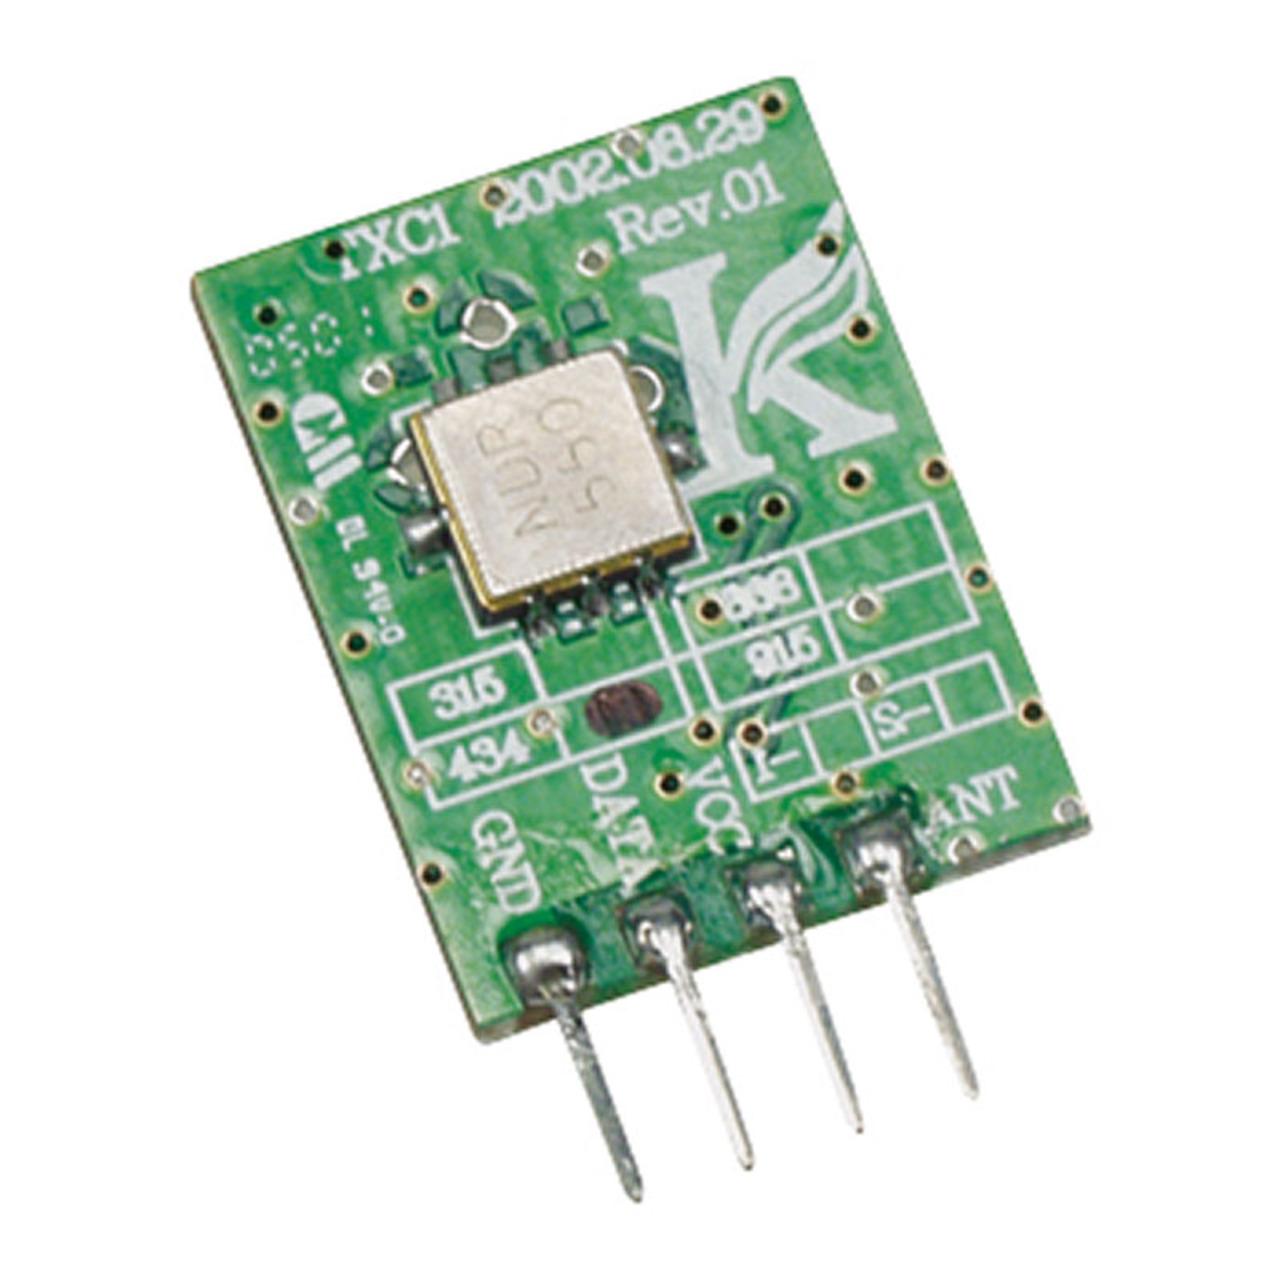 Velleman HF-Sendemodul TX433N1- 433-92 MHz